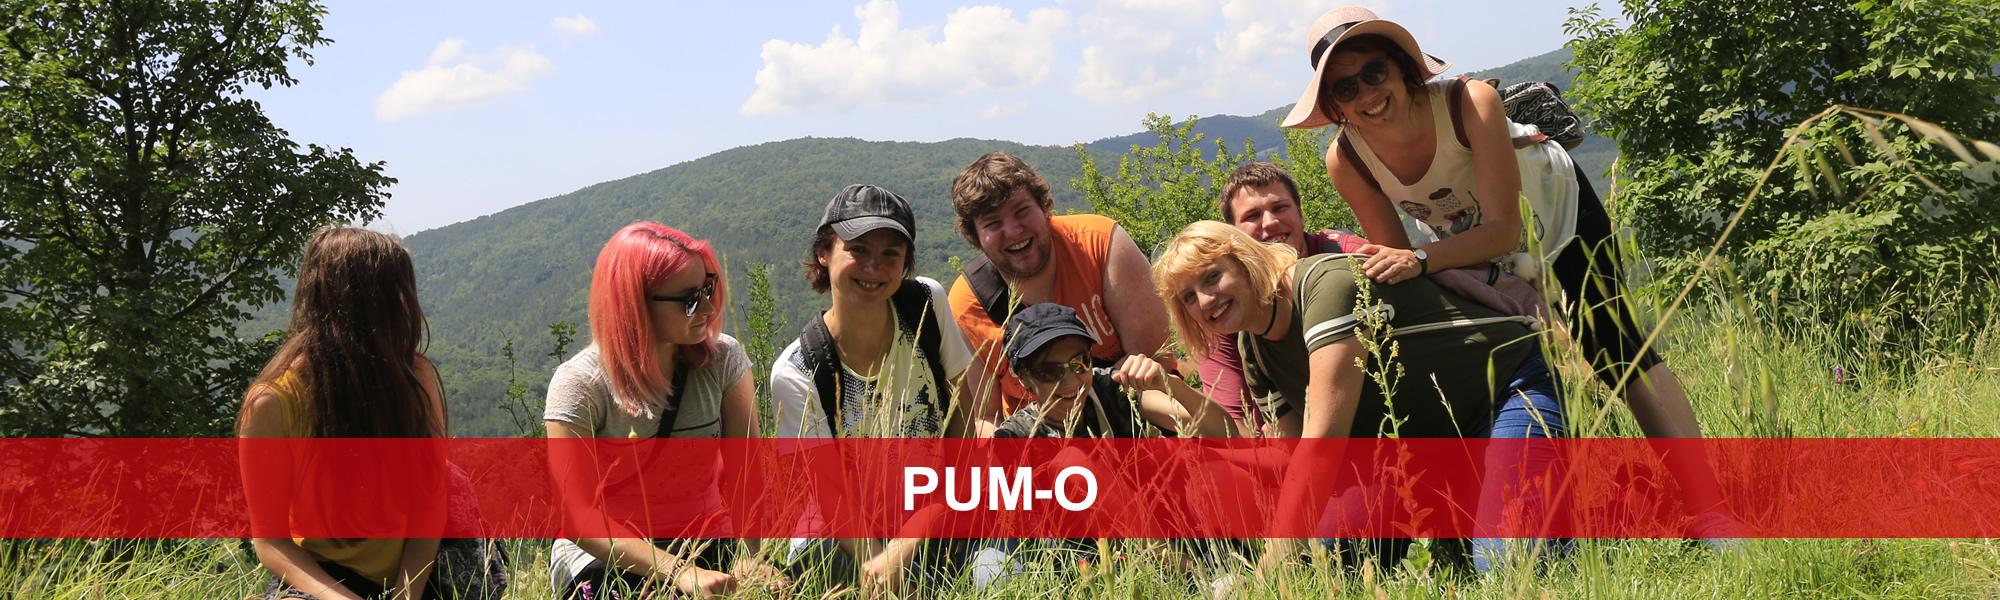 PUM-O